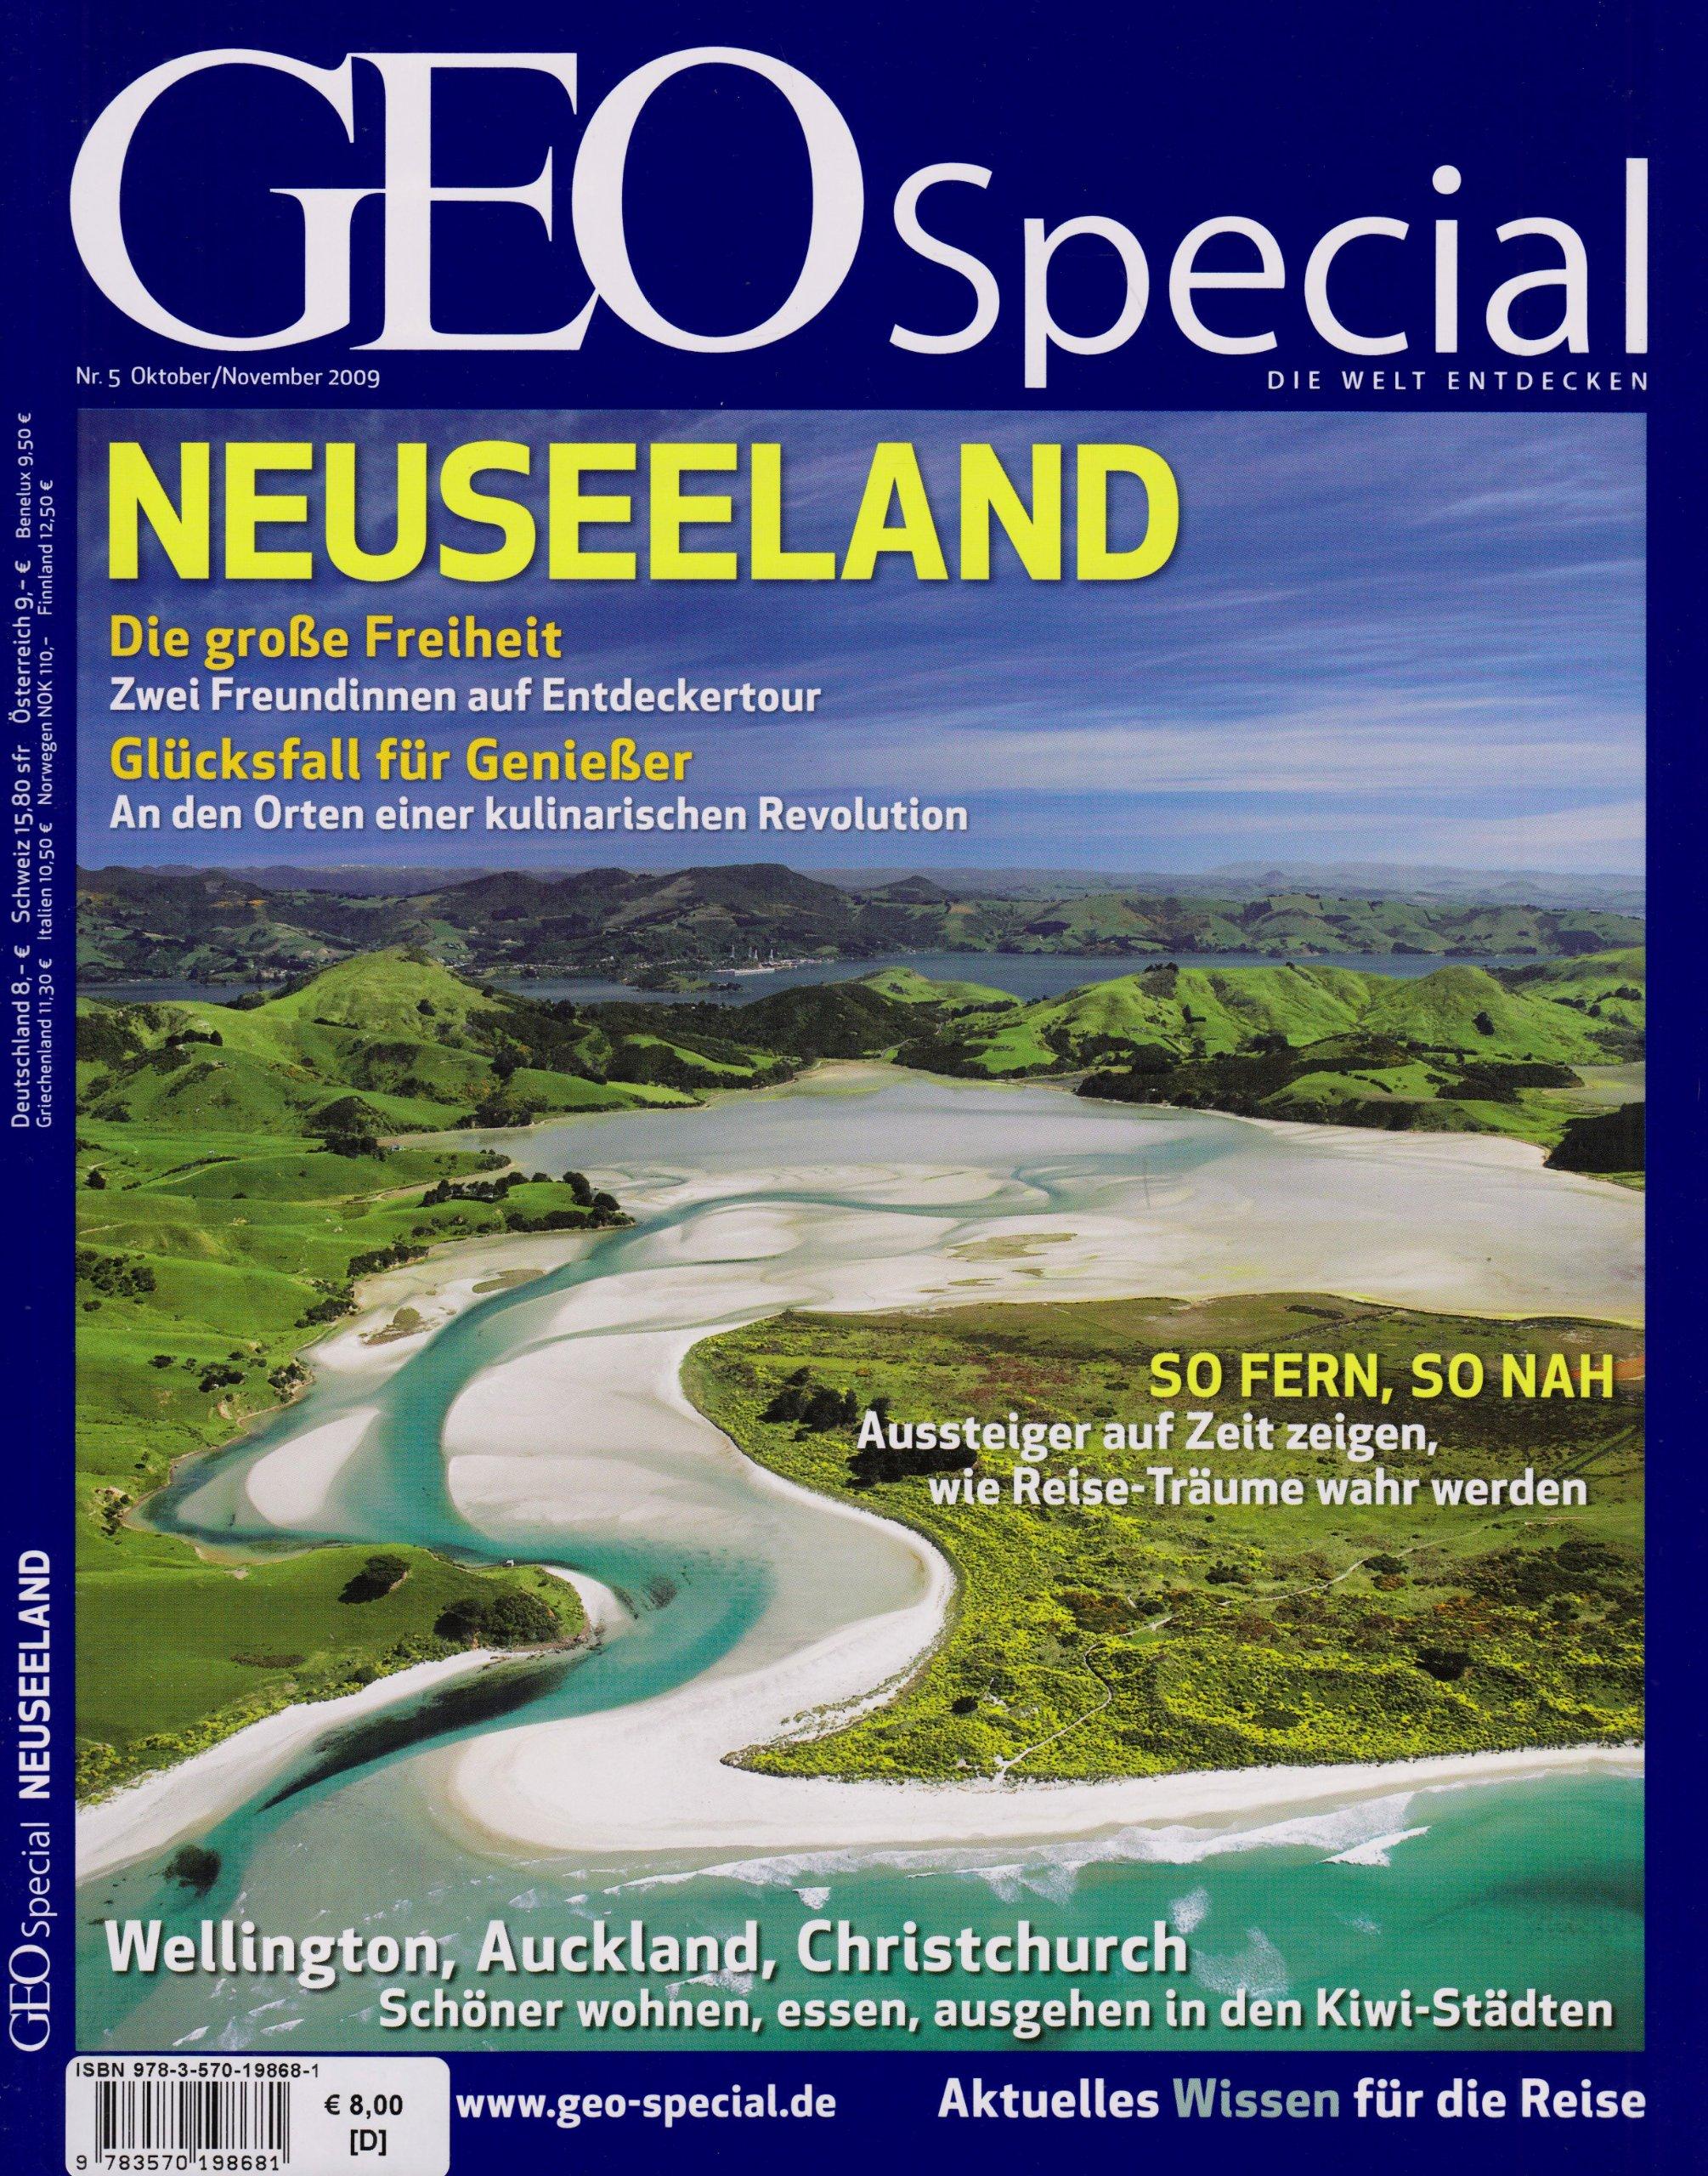 GEO Special / Neuseeland